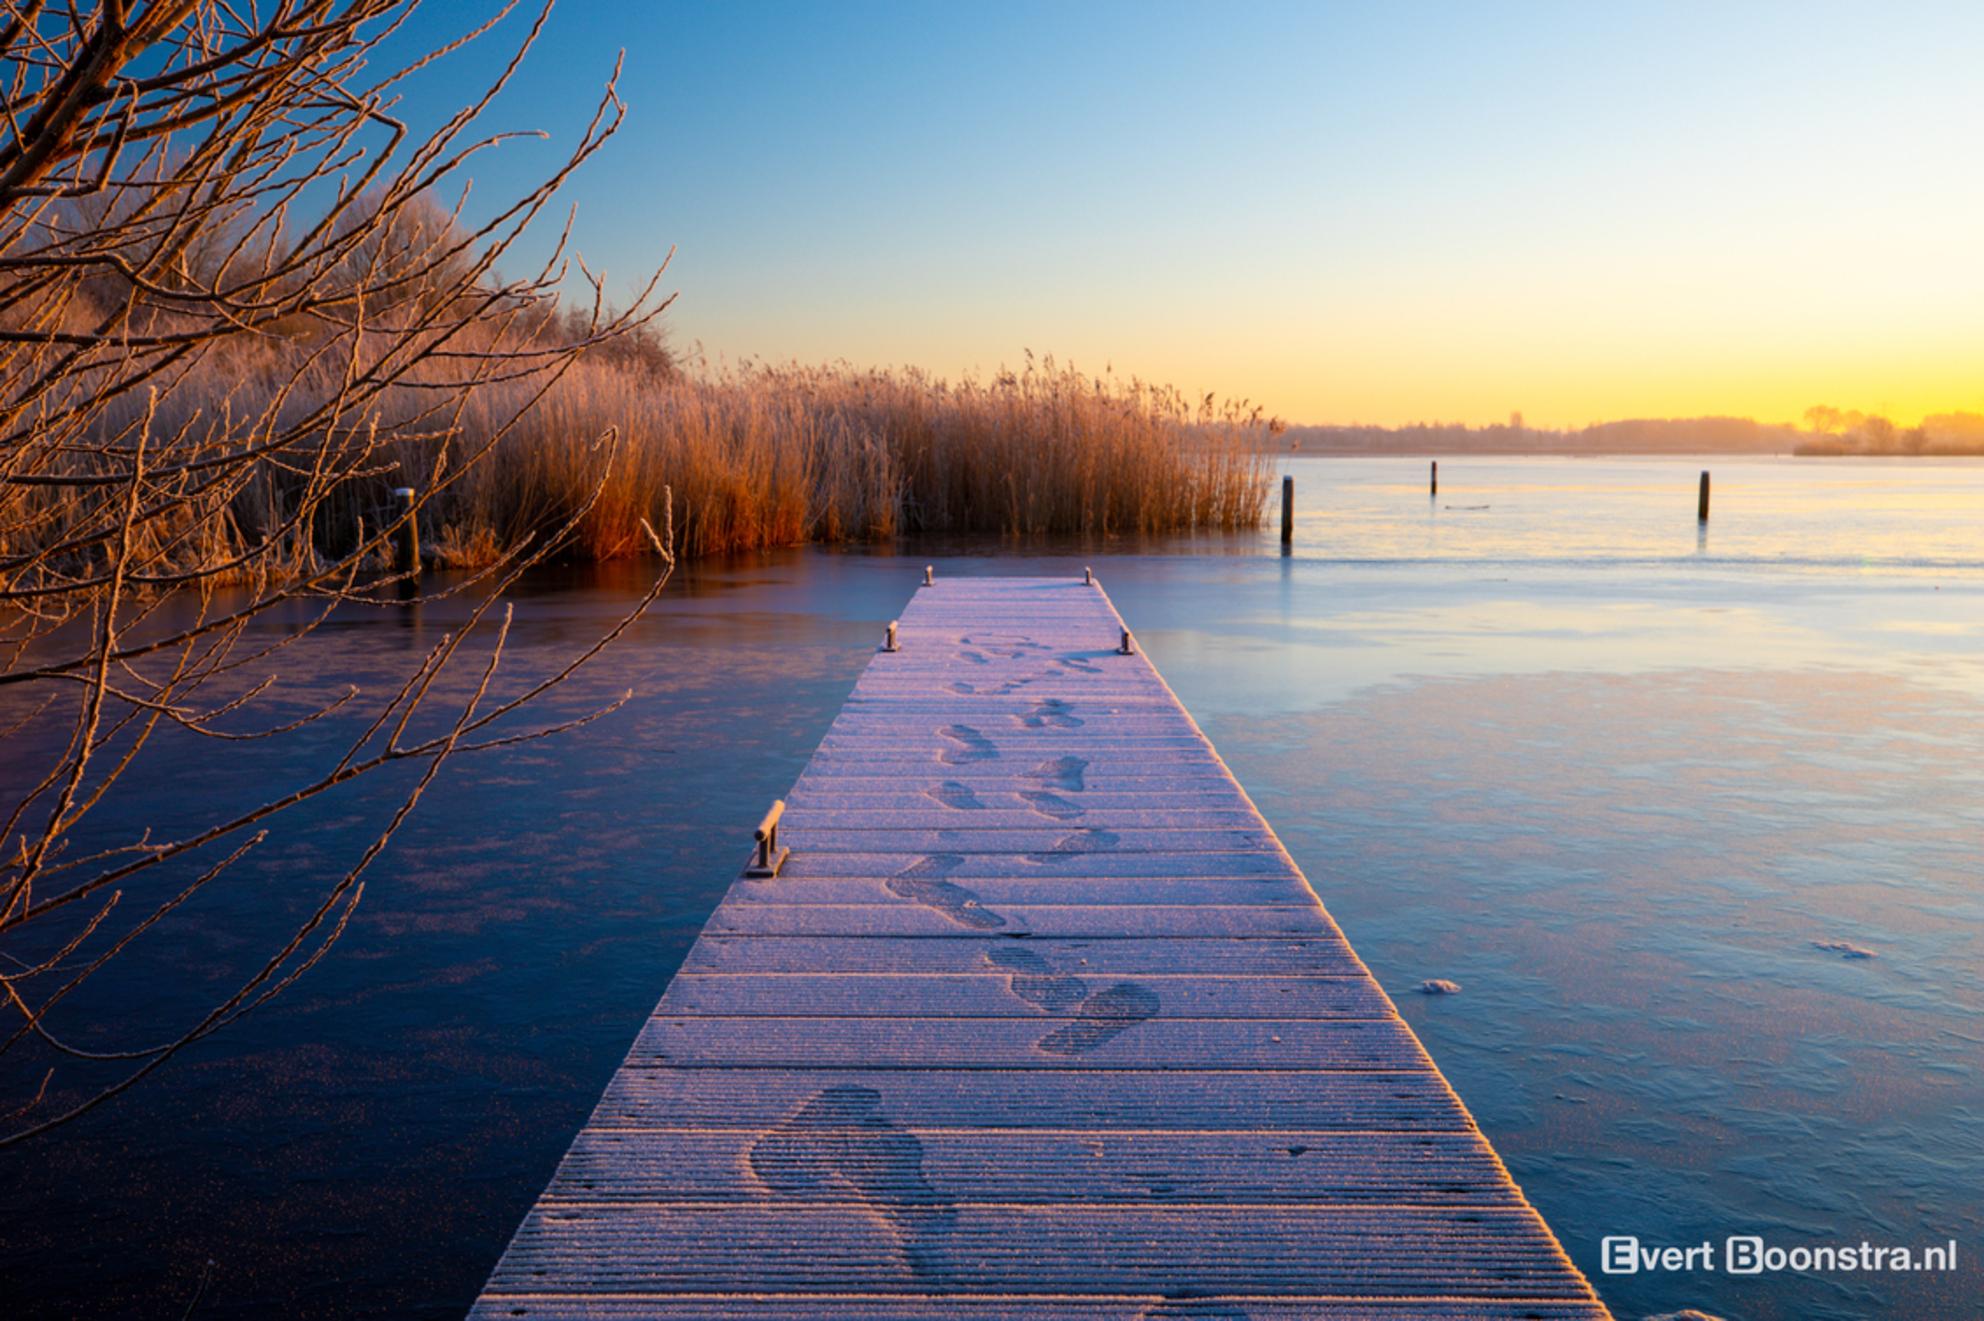 Zonsopkomst in Leeuwarden - Mooie zonsopkomst in Leeuwarden. - foto door evertboonstra op 05-03-2021 - deze foto bevat: water, natuur, sneeuw, ijs, zonsopkomst, meer, steiger - Deze foto mag gebruikt worden in een Zoom.nl publicatie